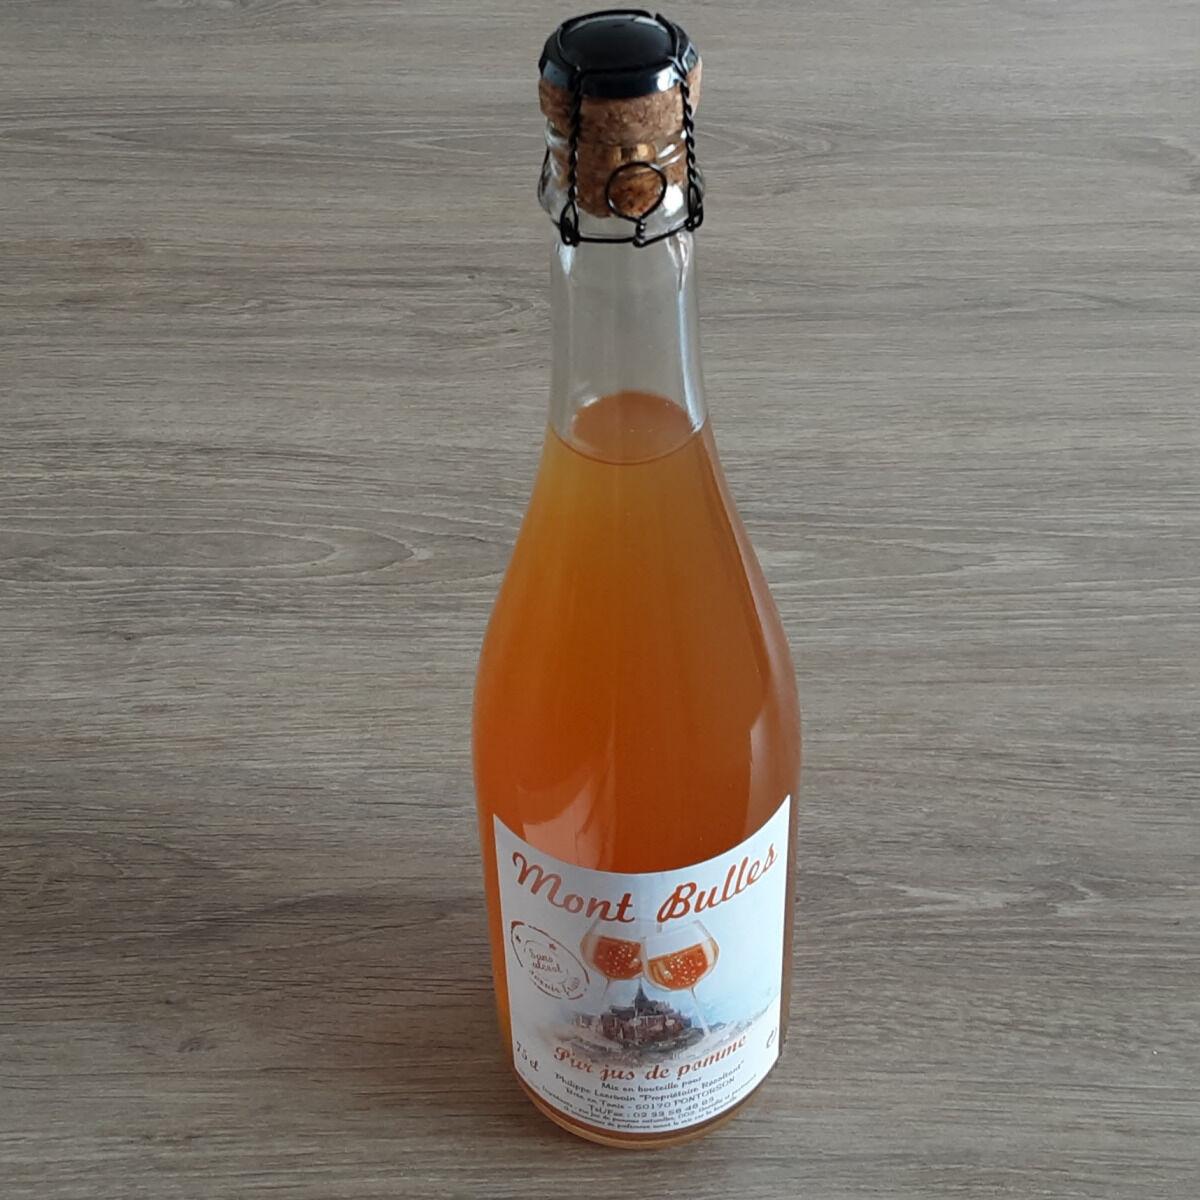 Gourmets de l'Ouest Pur jus de Pomme pétillant du Mont Saint Michel